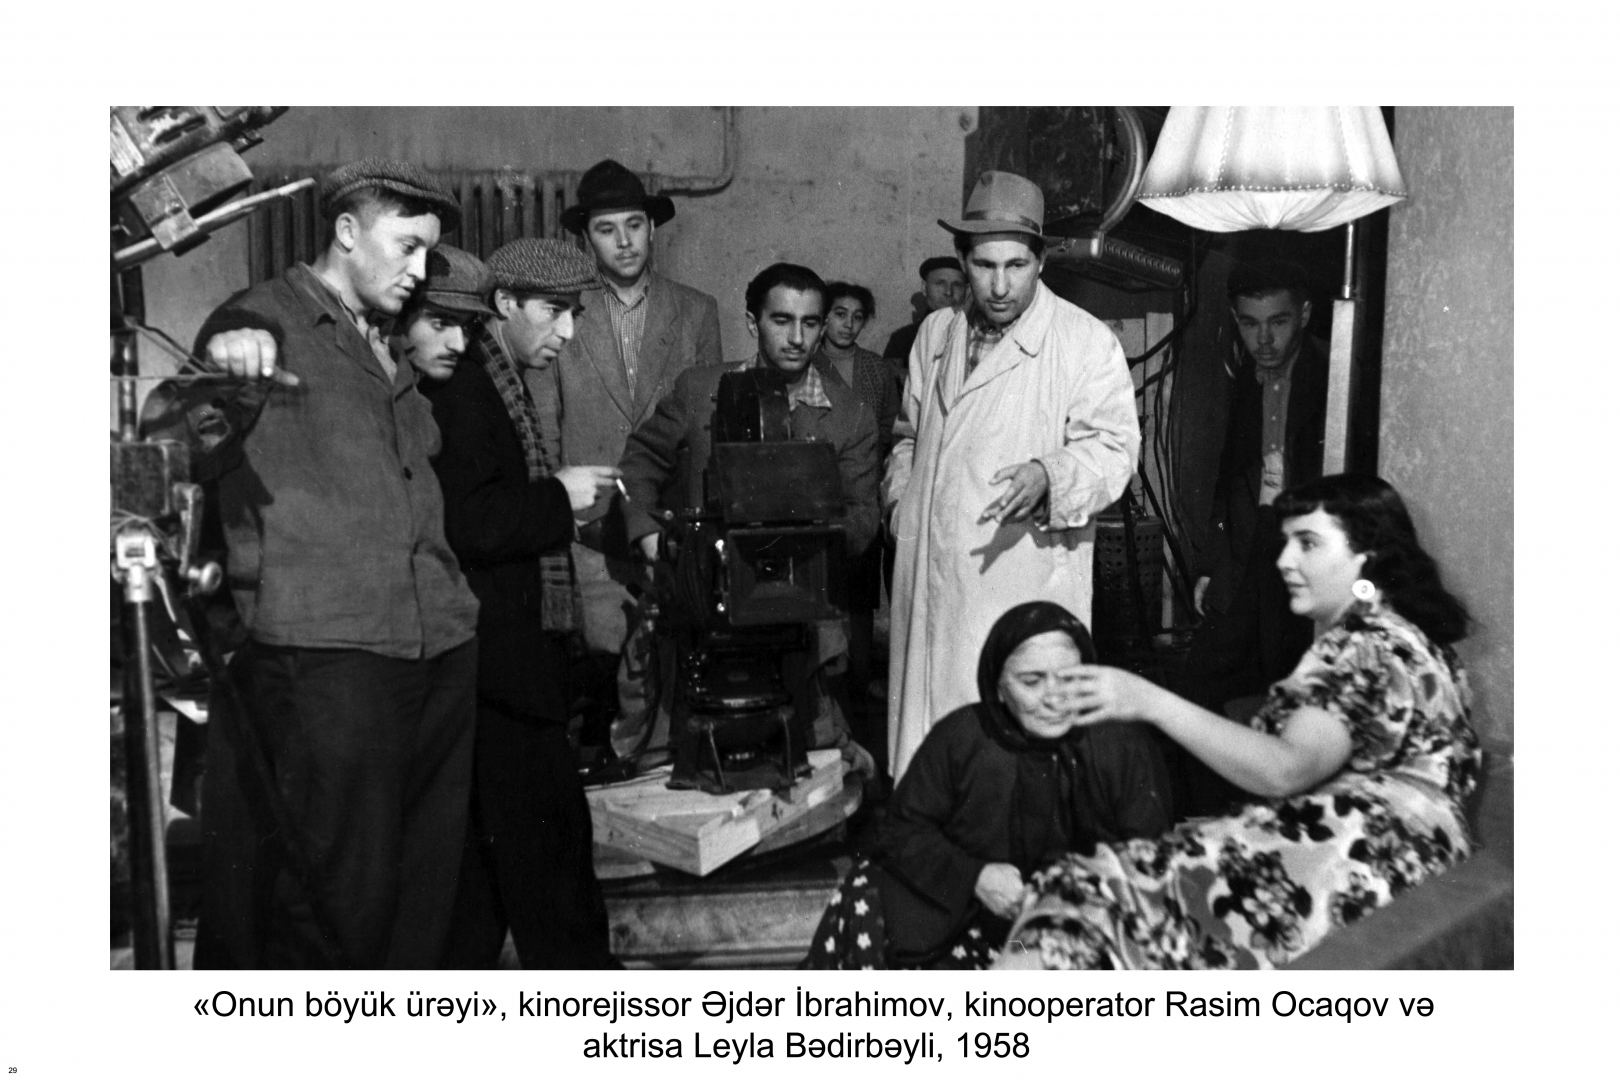 Rasim Ocaqovun şəxsi arxiv fondu yaradılıb (FOTO) - Gallery Image